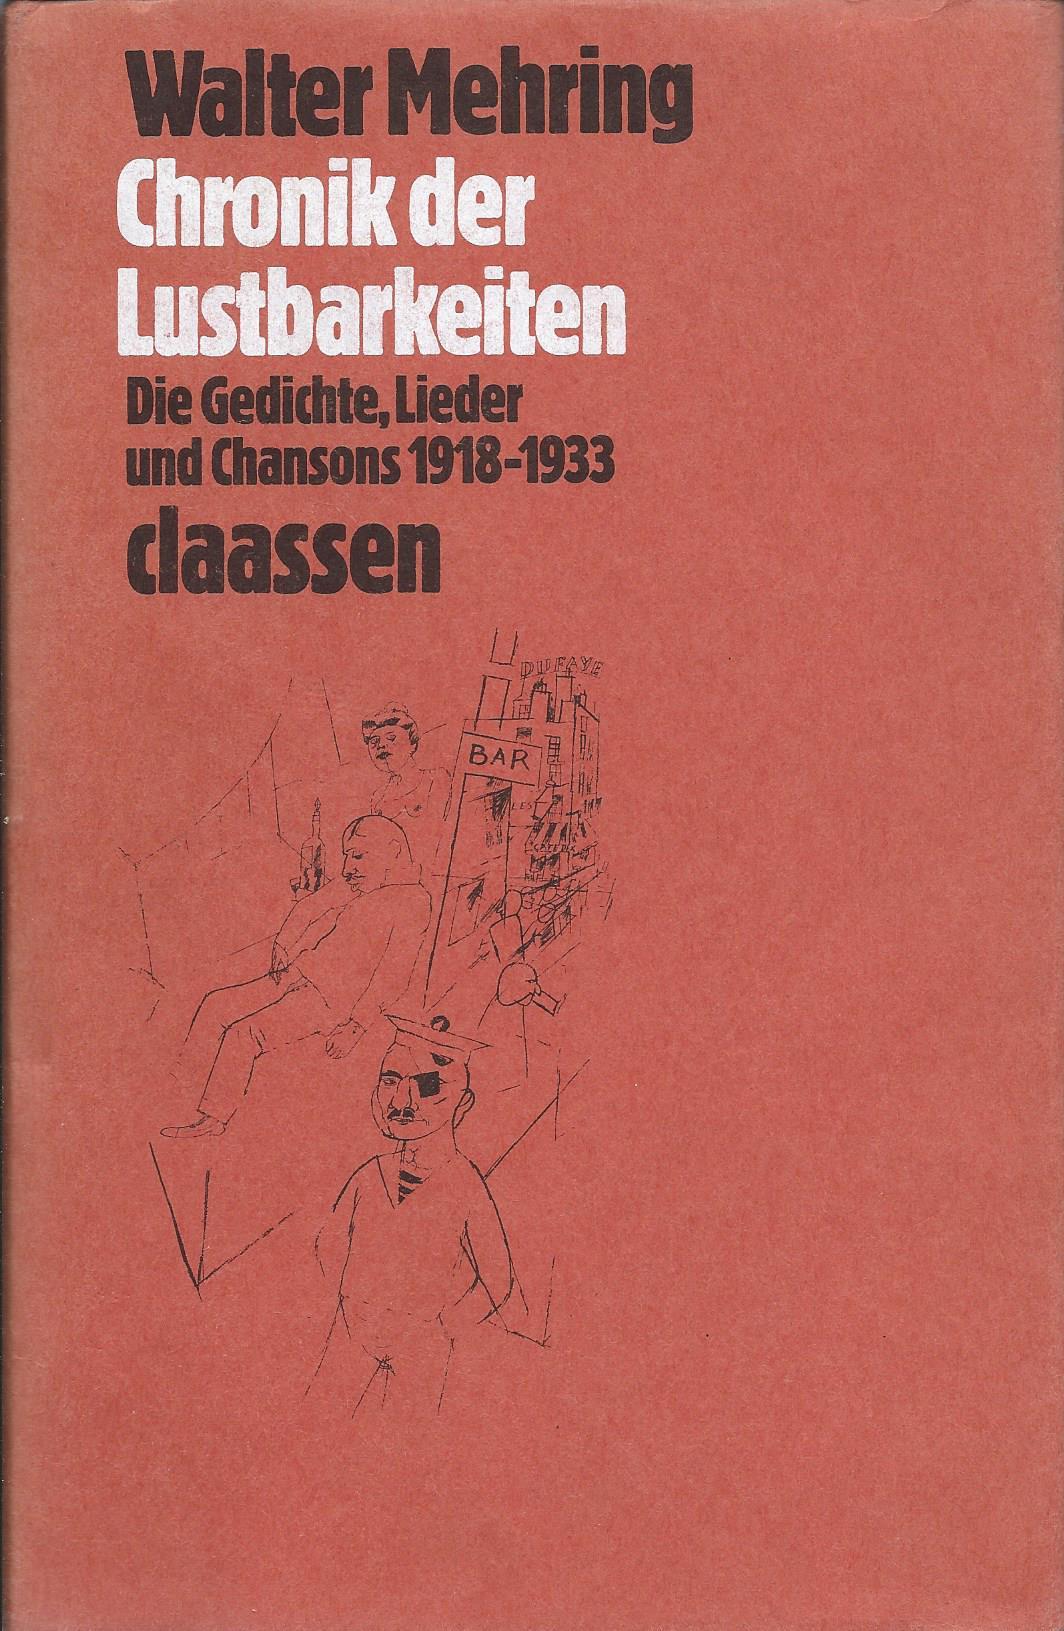 Chronik der Lustbarkeiten (1981)